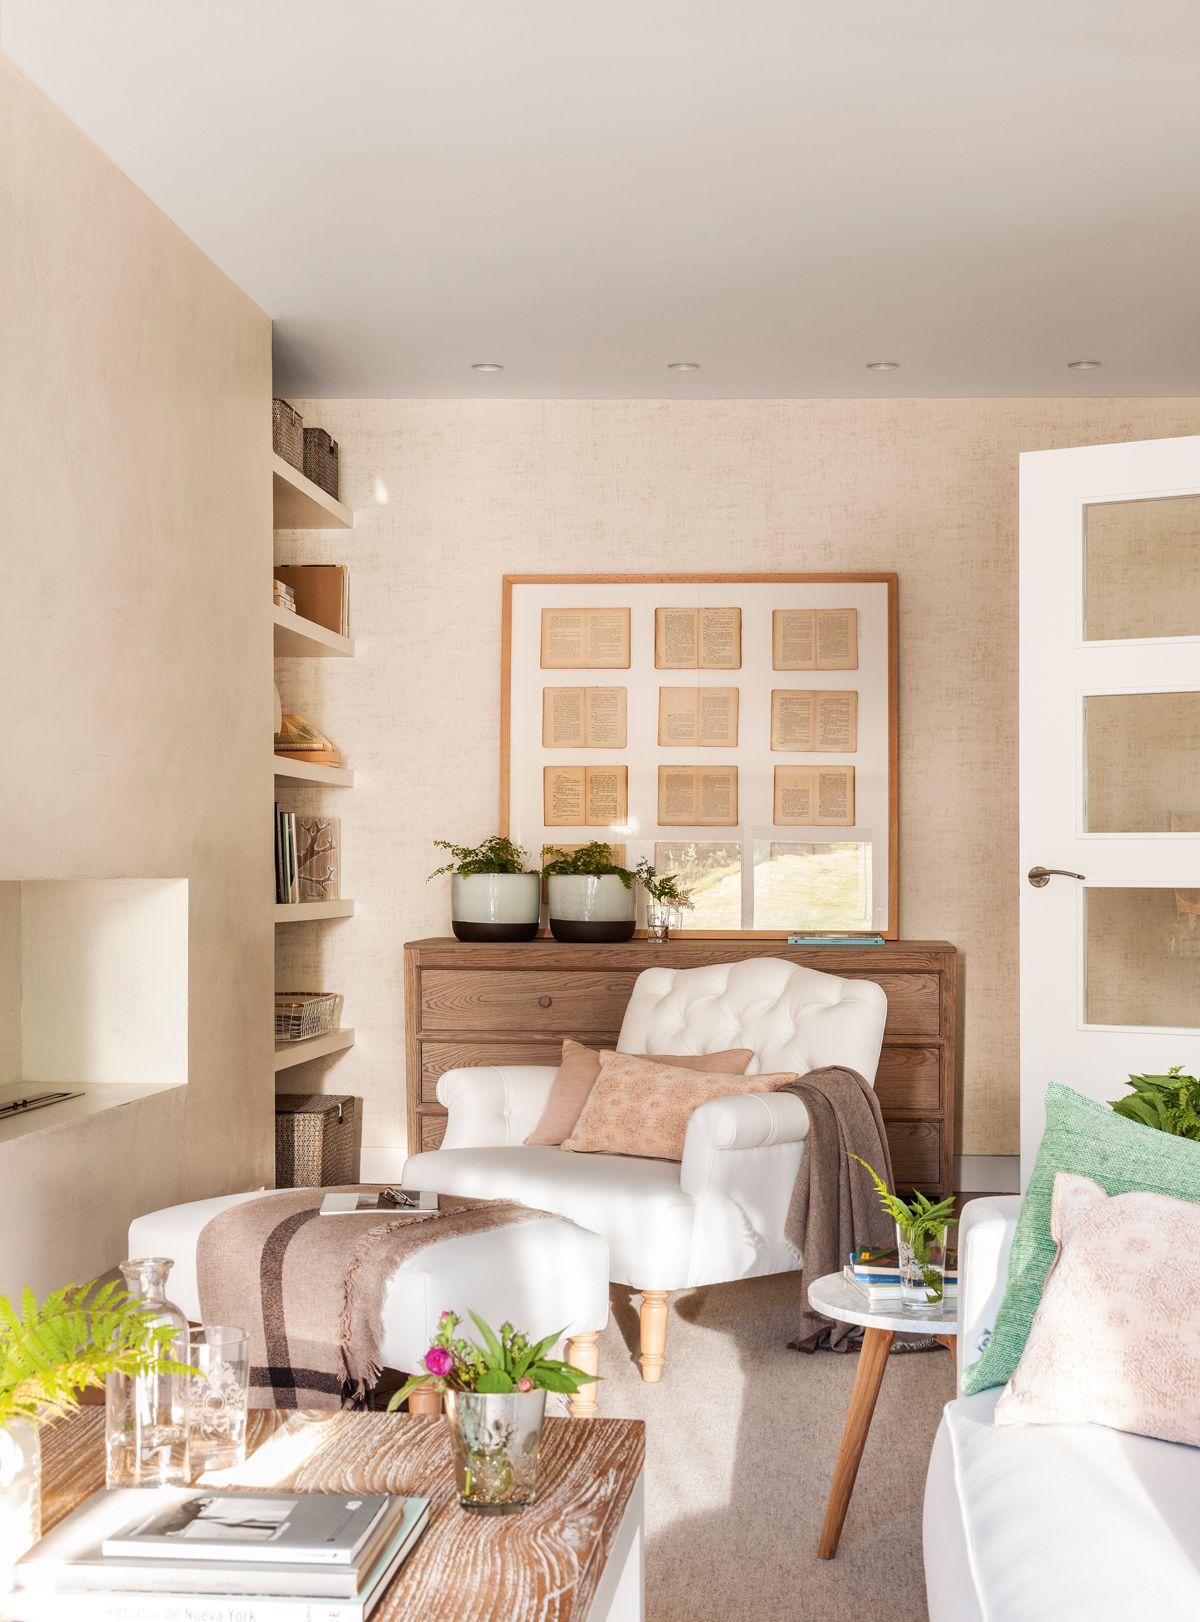 Ideas de decoraci n para conseguir la casa de tus sue os for Decoracion con encanto